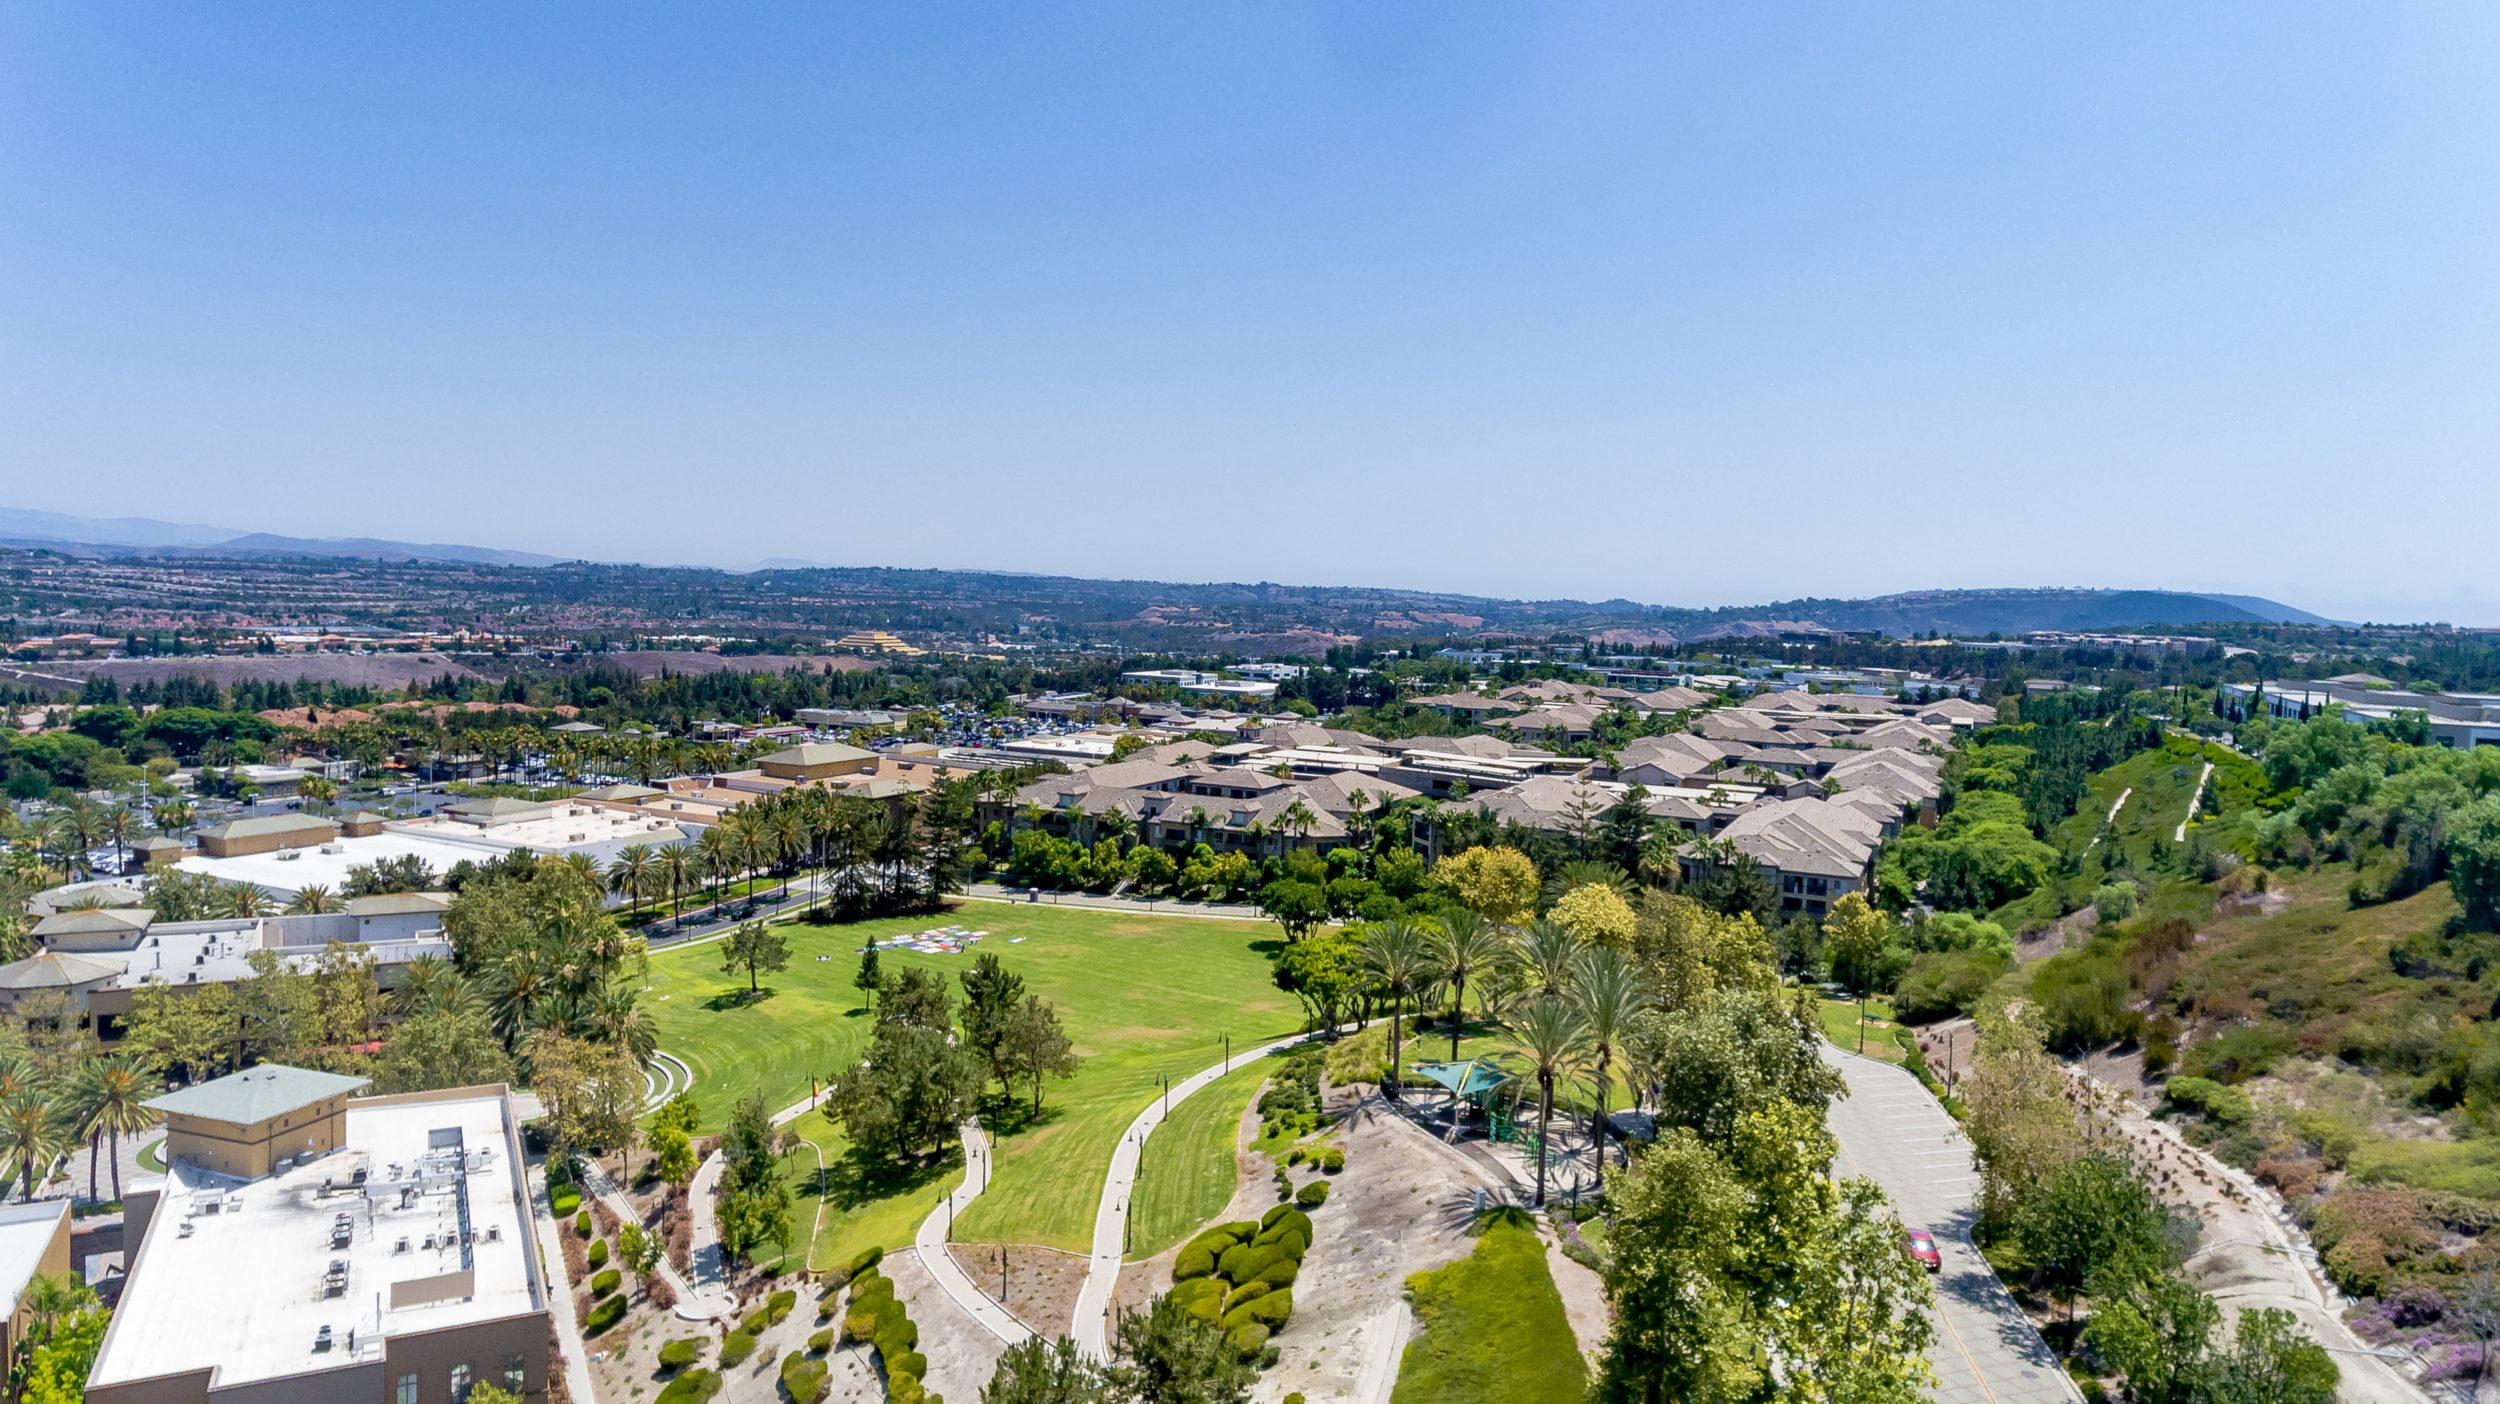 View of Aliso Viejo neighborhoods